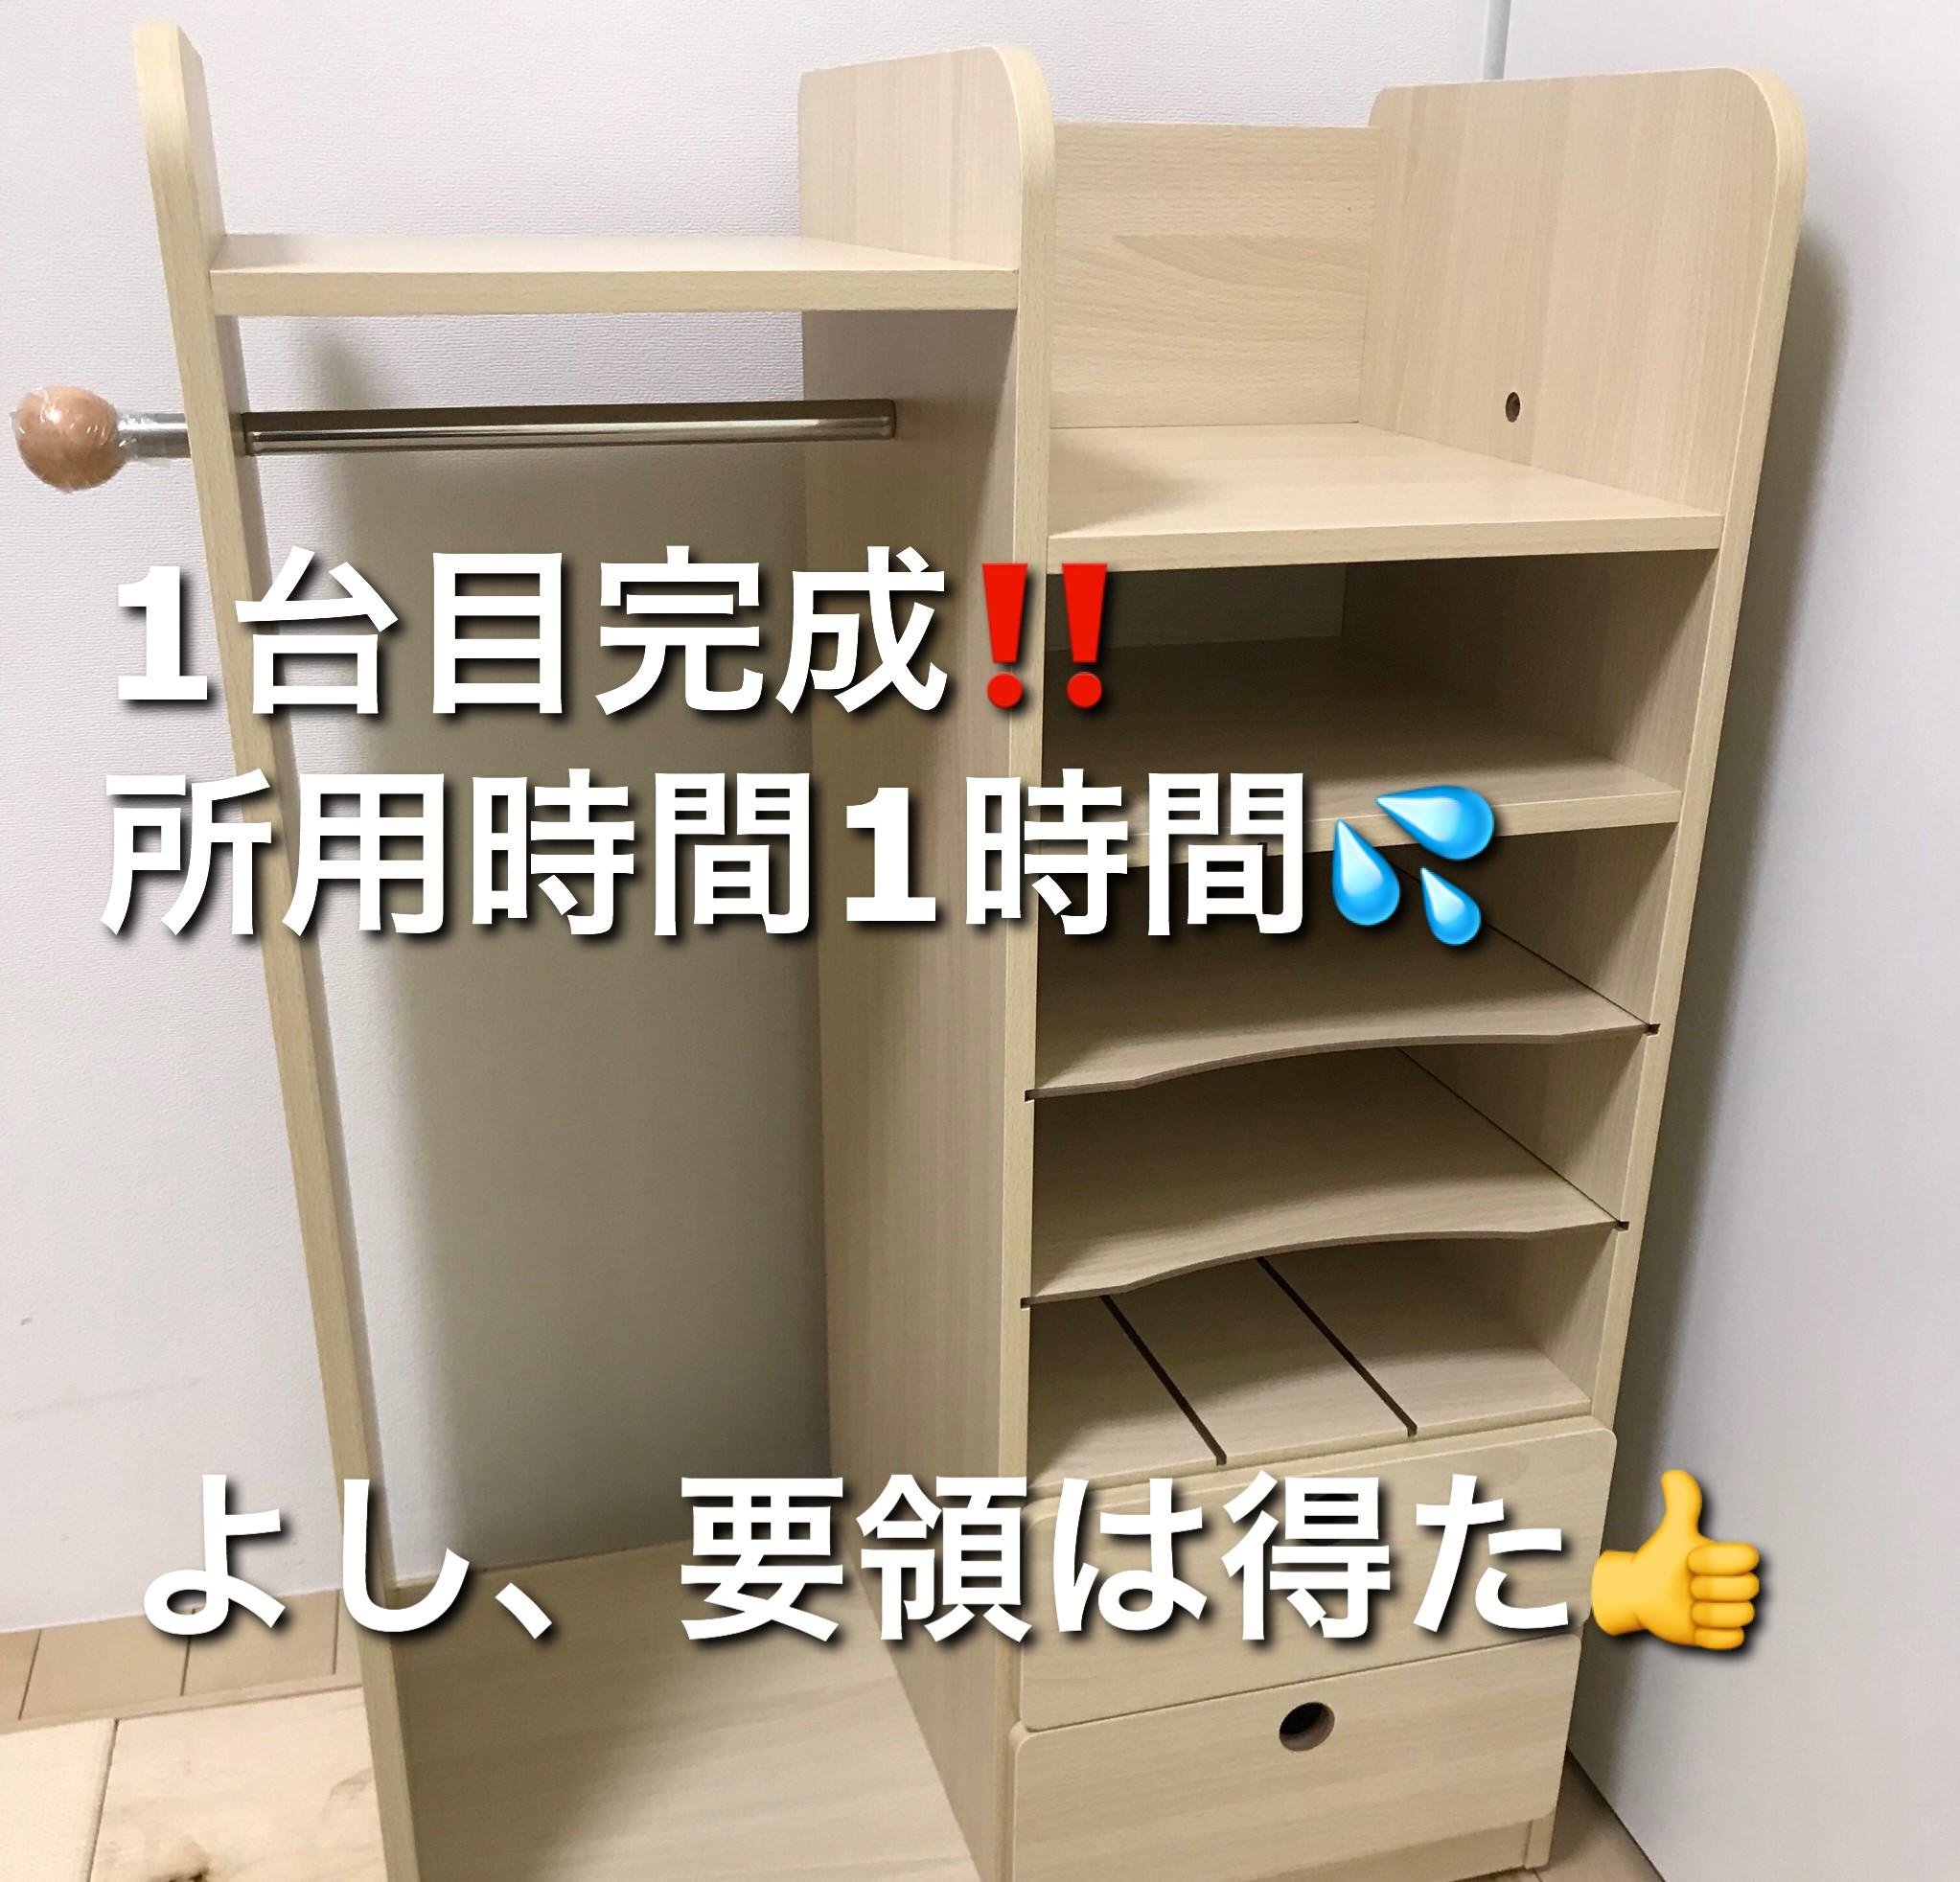 丁寧に家具を組み立てる